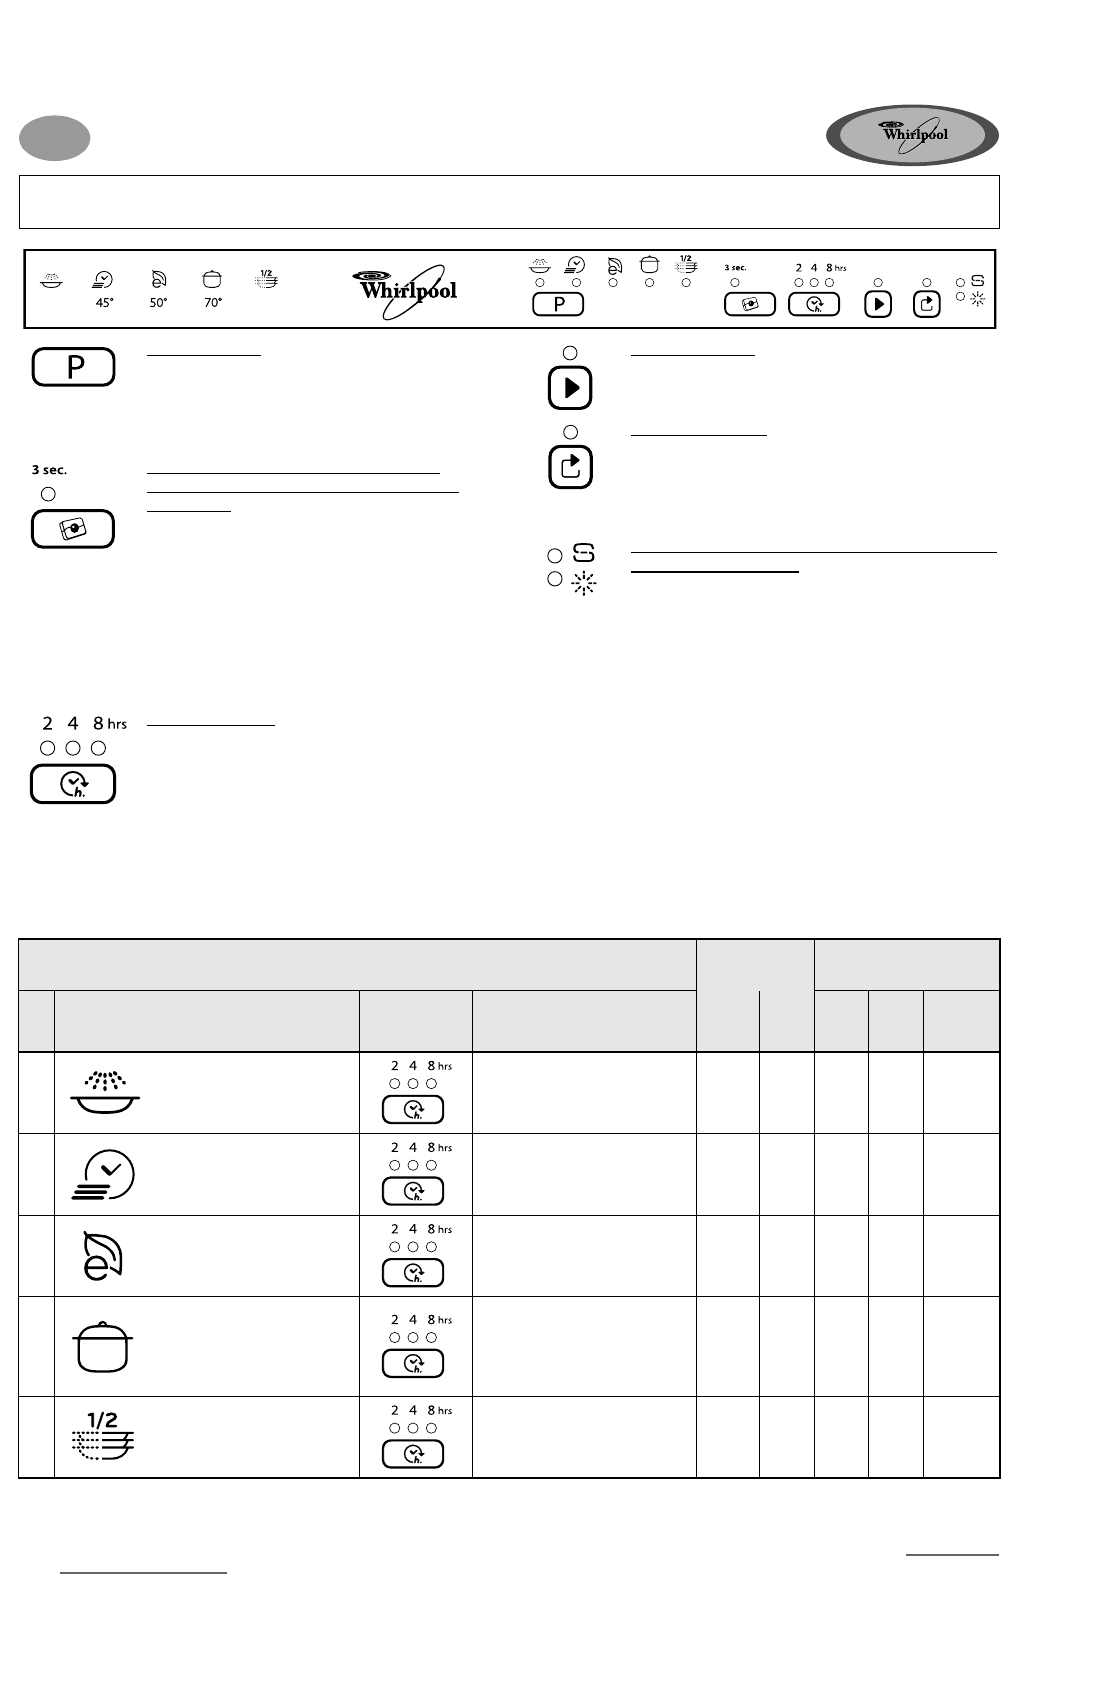 Bekend Handleiding Whirlpool ADG 9510 (pagina 1 van 8) (Nederlands) GZ78